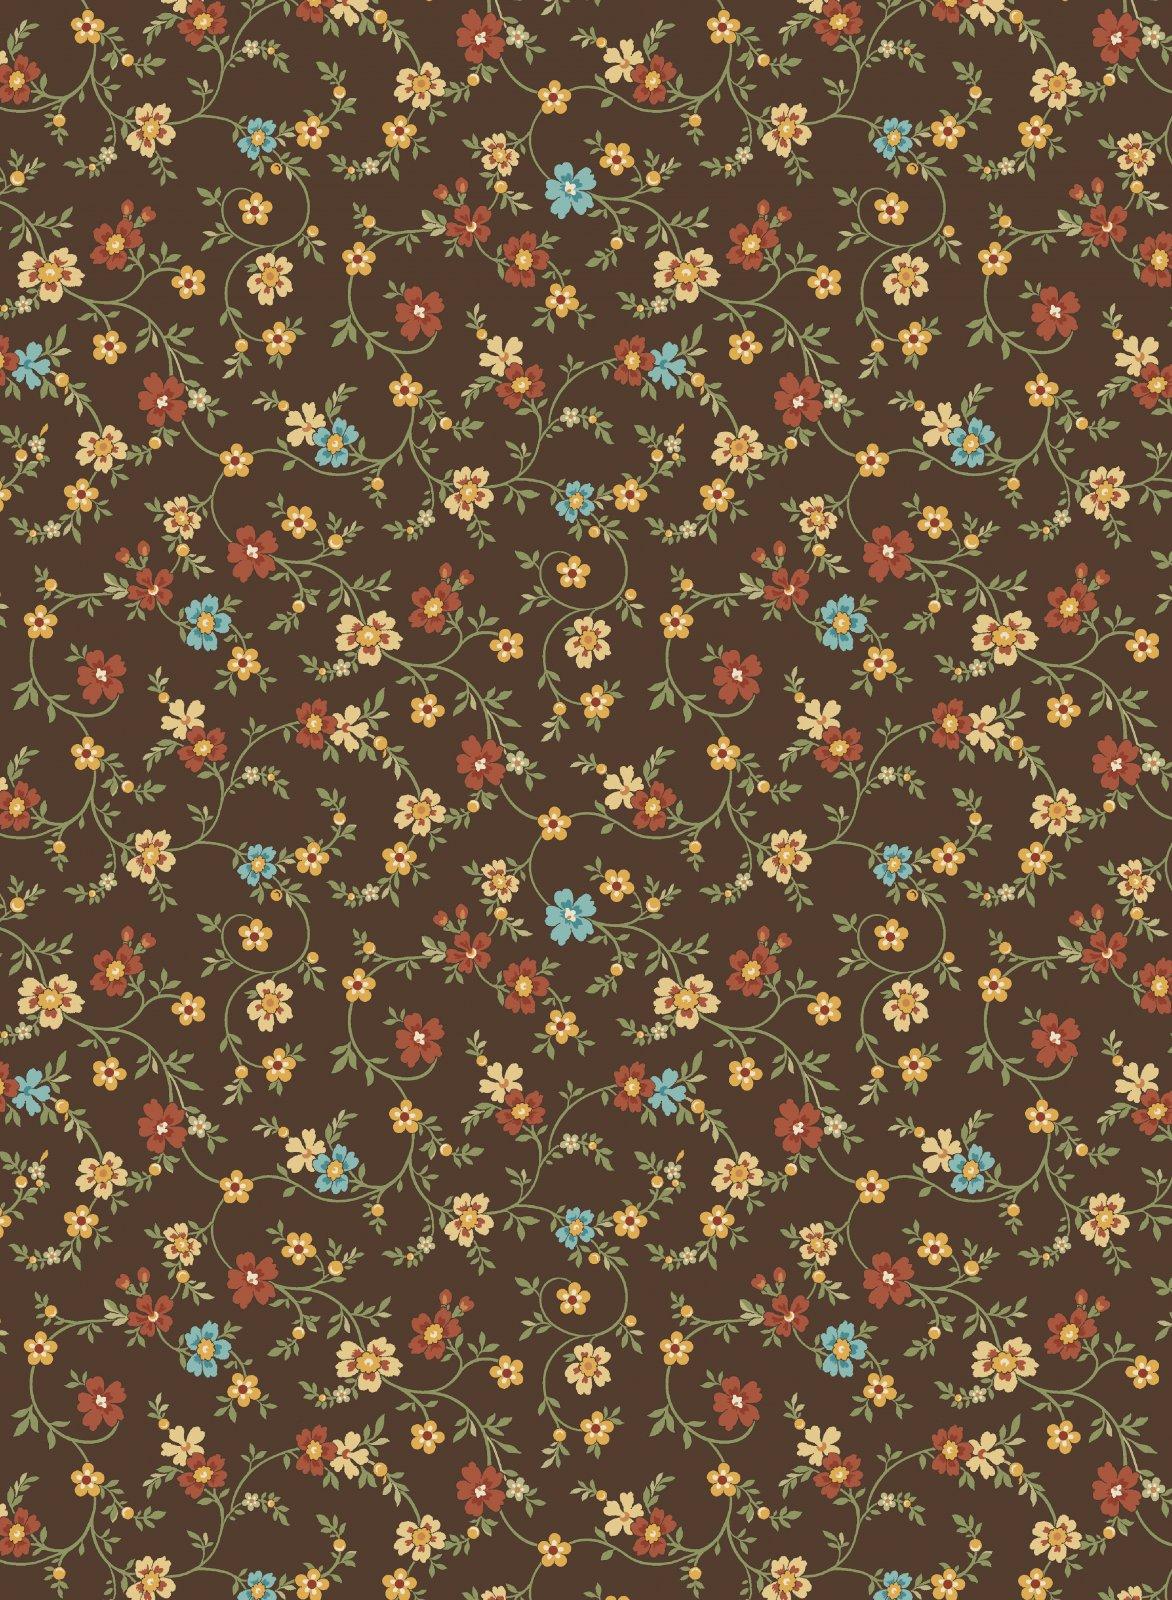 Garden Getaway Fabric 11 (0907 0113)